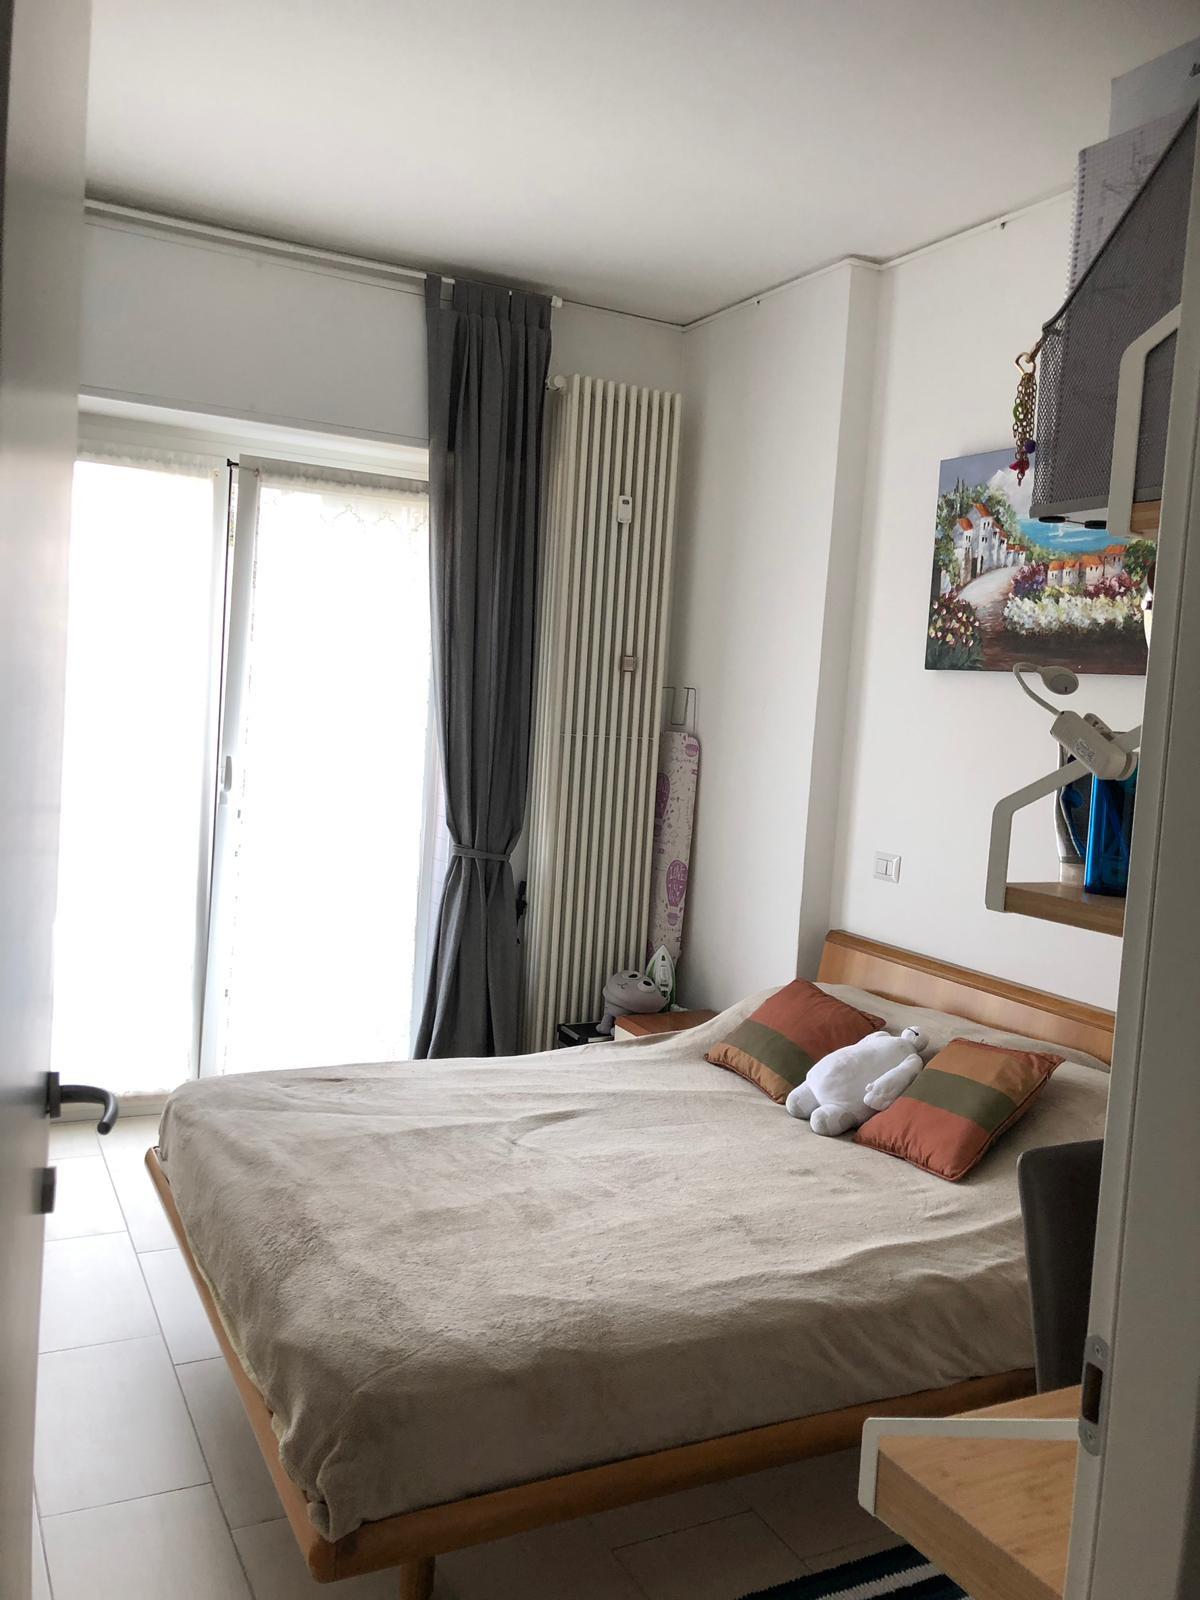 Letto Matrimoniale Grande.Grande Stanza Luminosa Con Letto Matrimoniale Room For Rent Milan